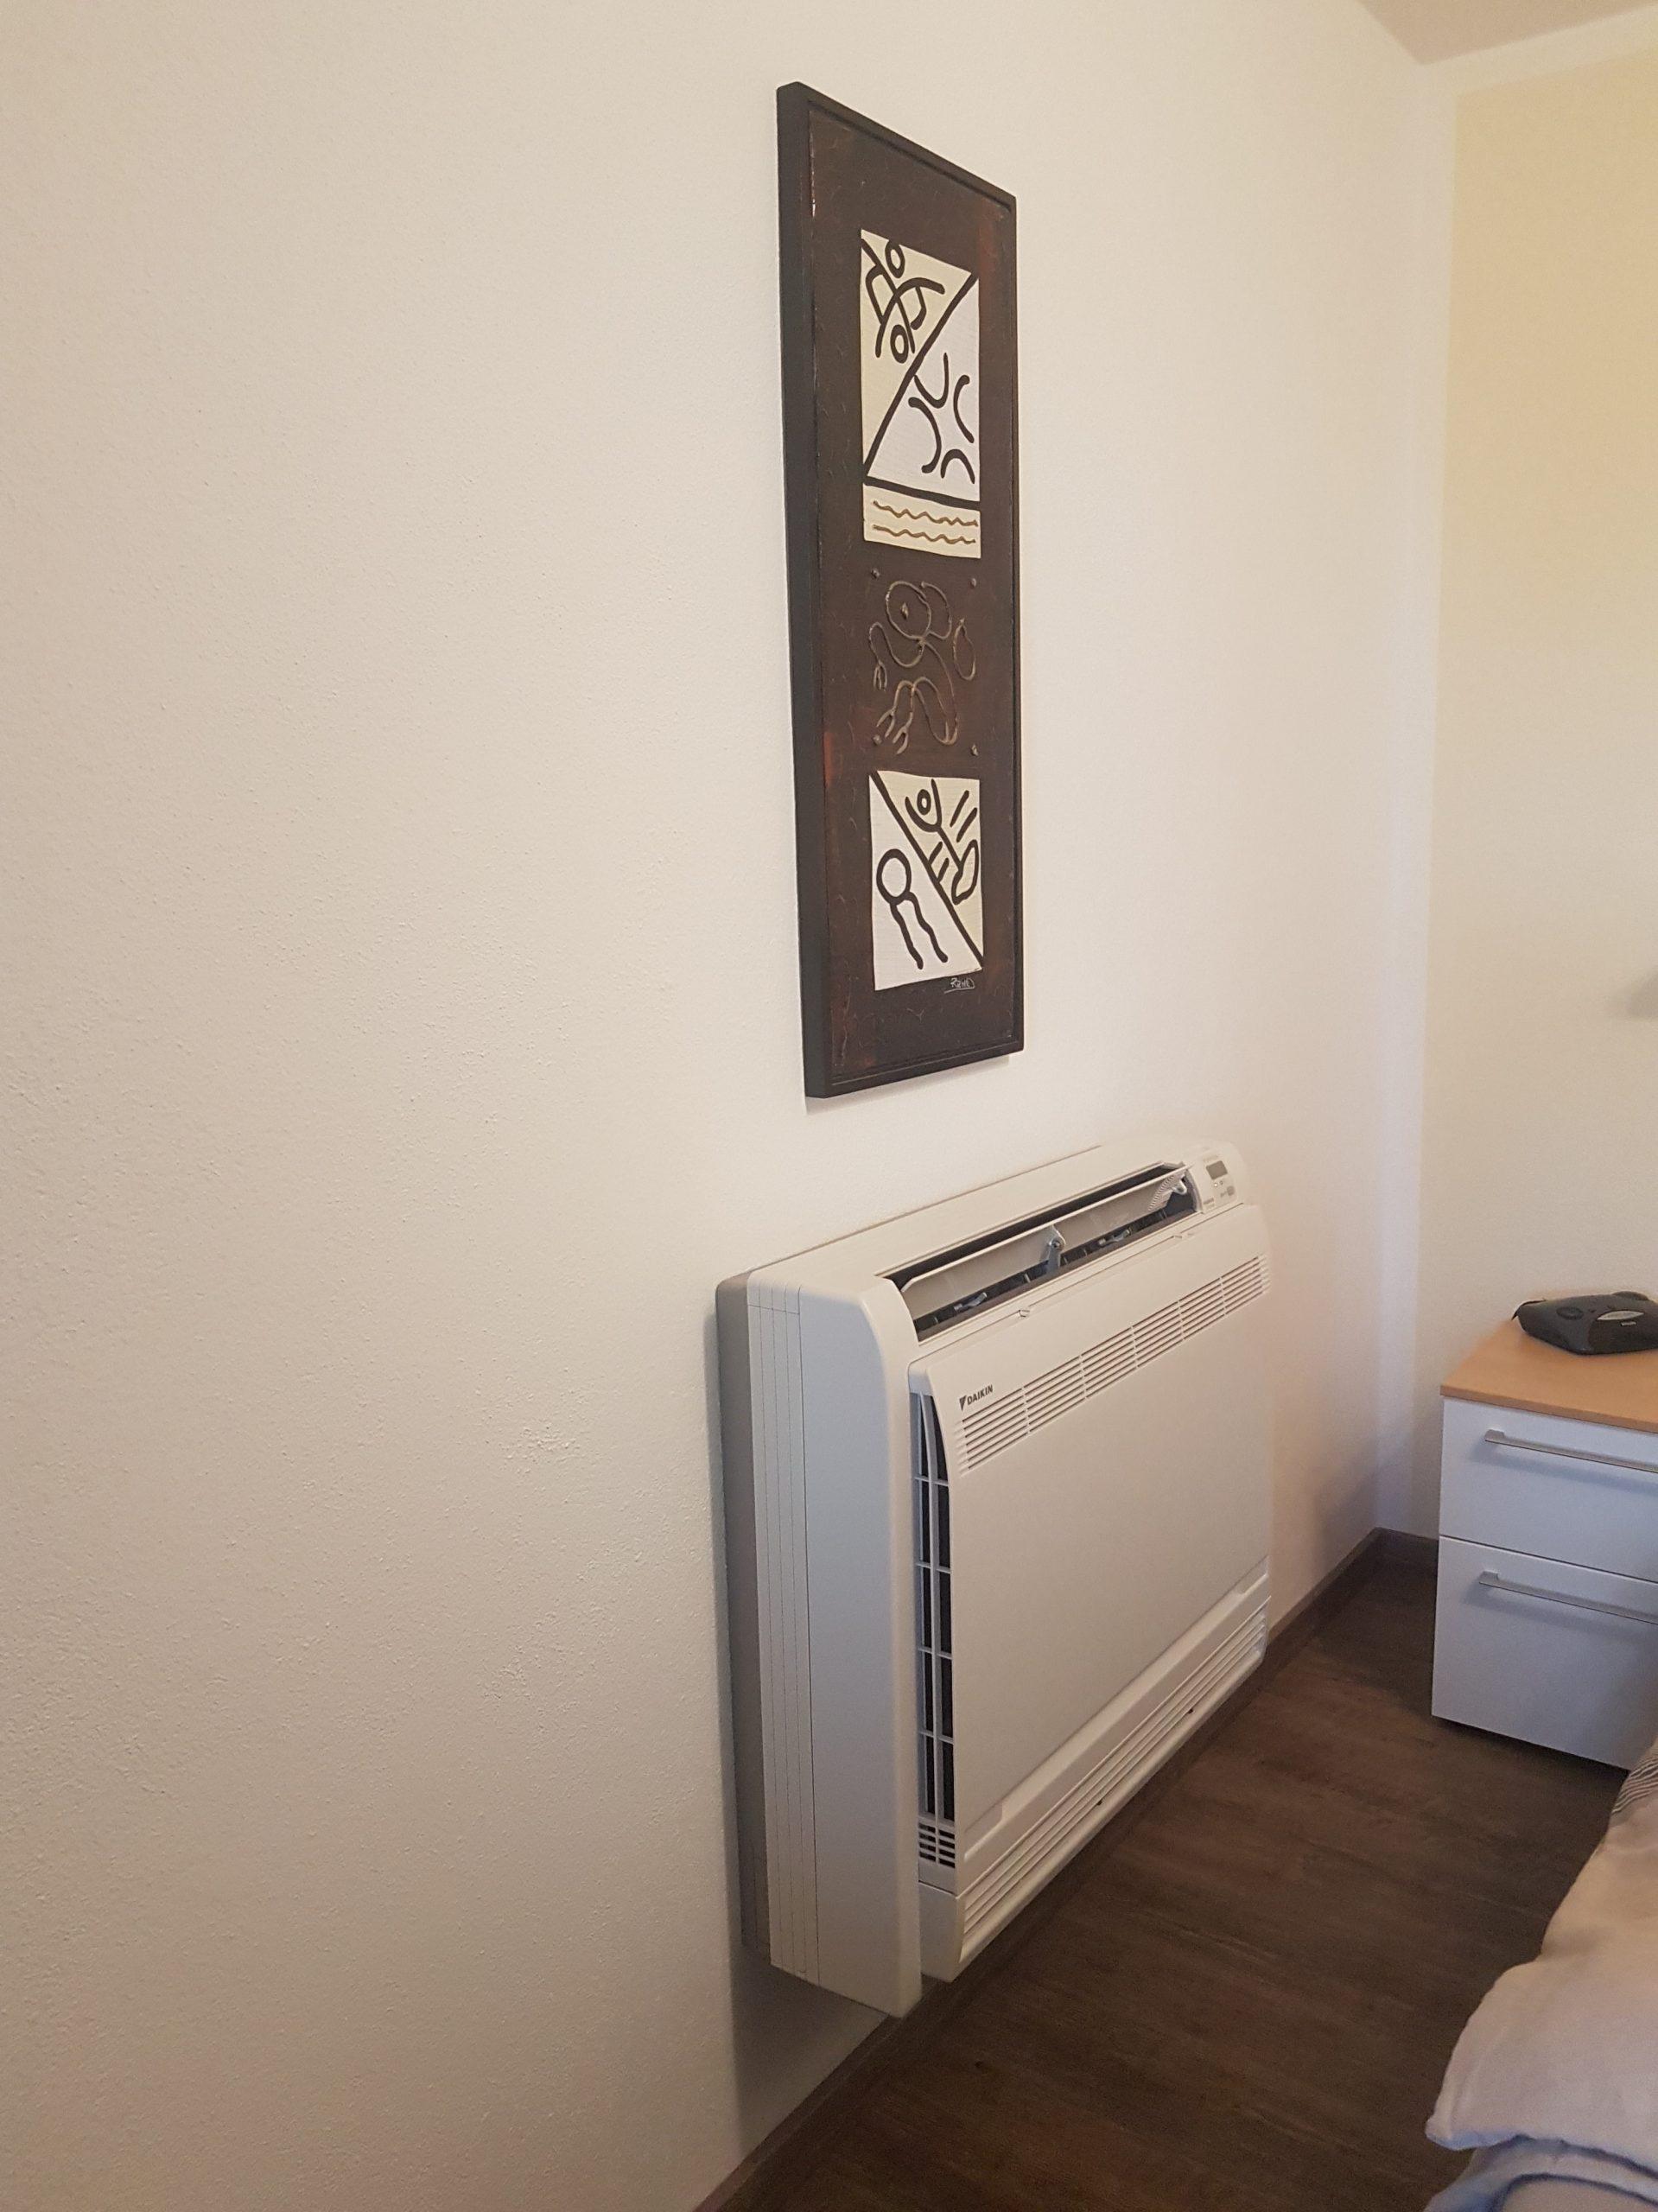 Full Size of Klimagerät Für Schlafzimmer Klima Steininger Gebude Energietechnik Sichtschutzfolie Fenster Deckenleuchte Heizkörper Bad Sessel Lampe Alarmanlagen Und Schlafzimmer Klimagerät Für Schlafzimmer